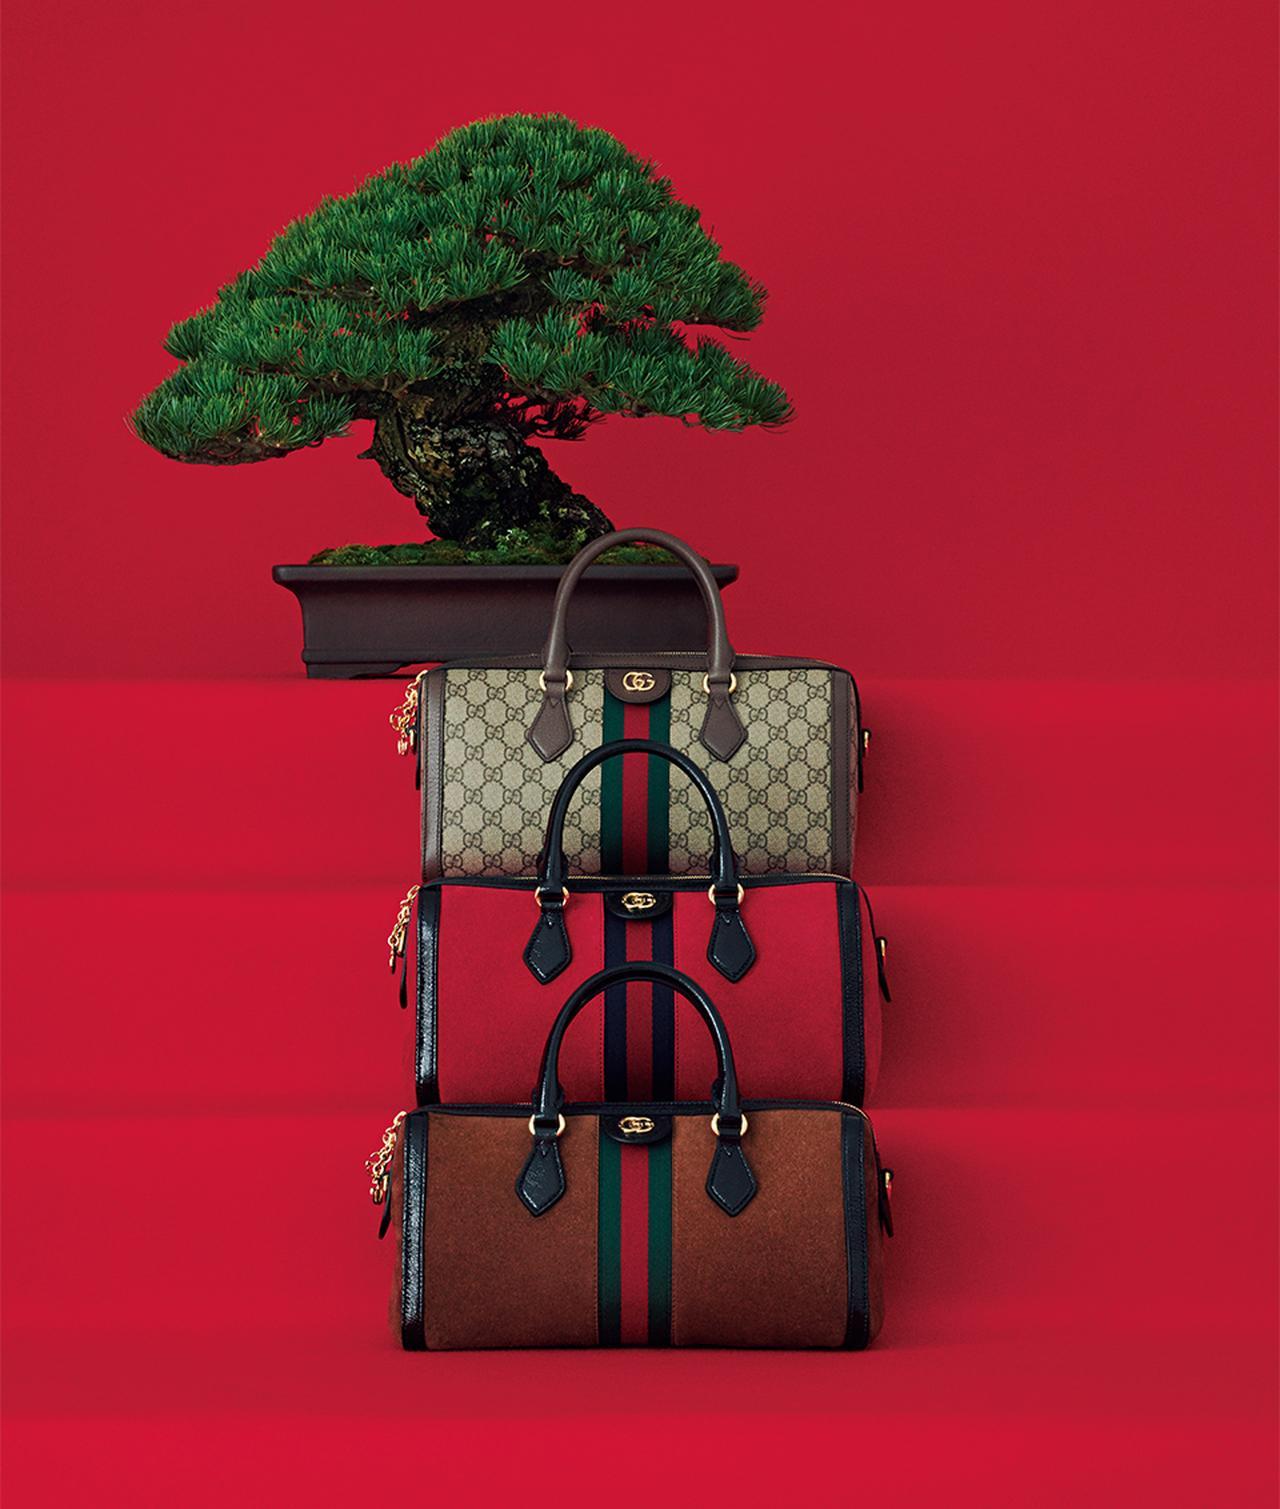 Images : 1番目の画像 - 「アイコン温故知新」のアルバム - T JAPAN:The New York Times Style Magazine 公式サイト